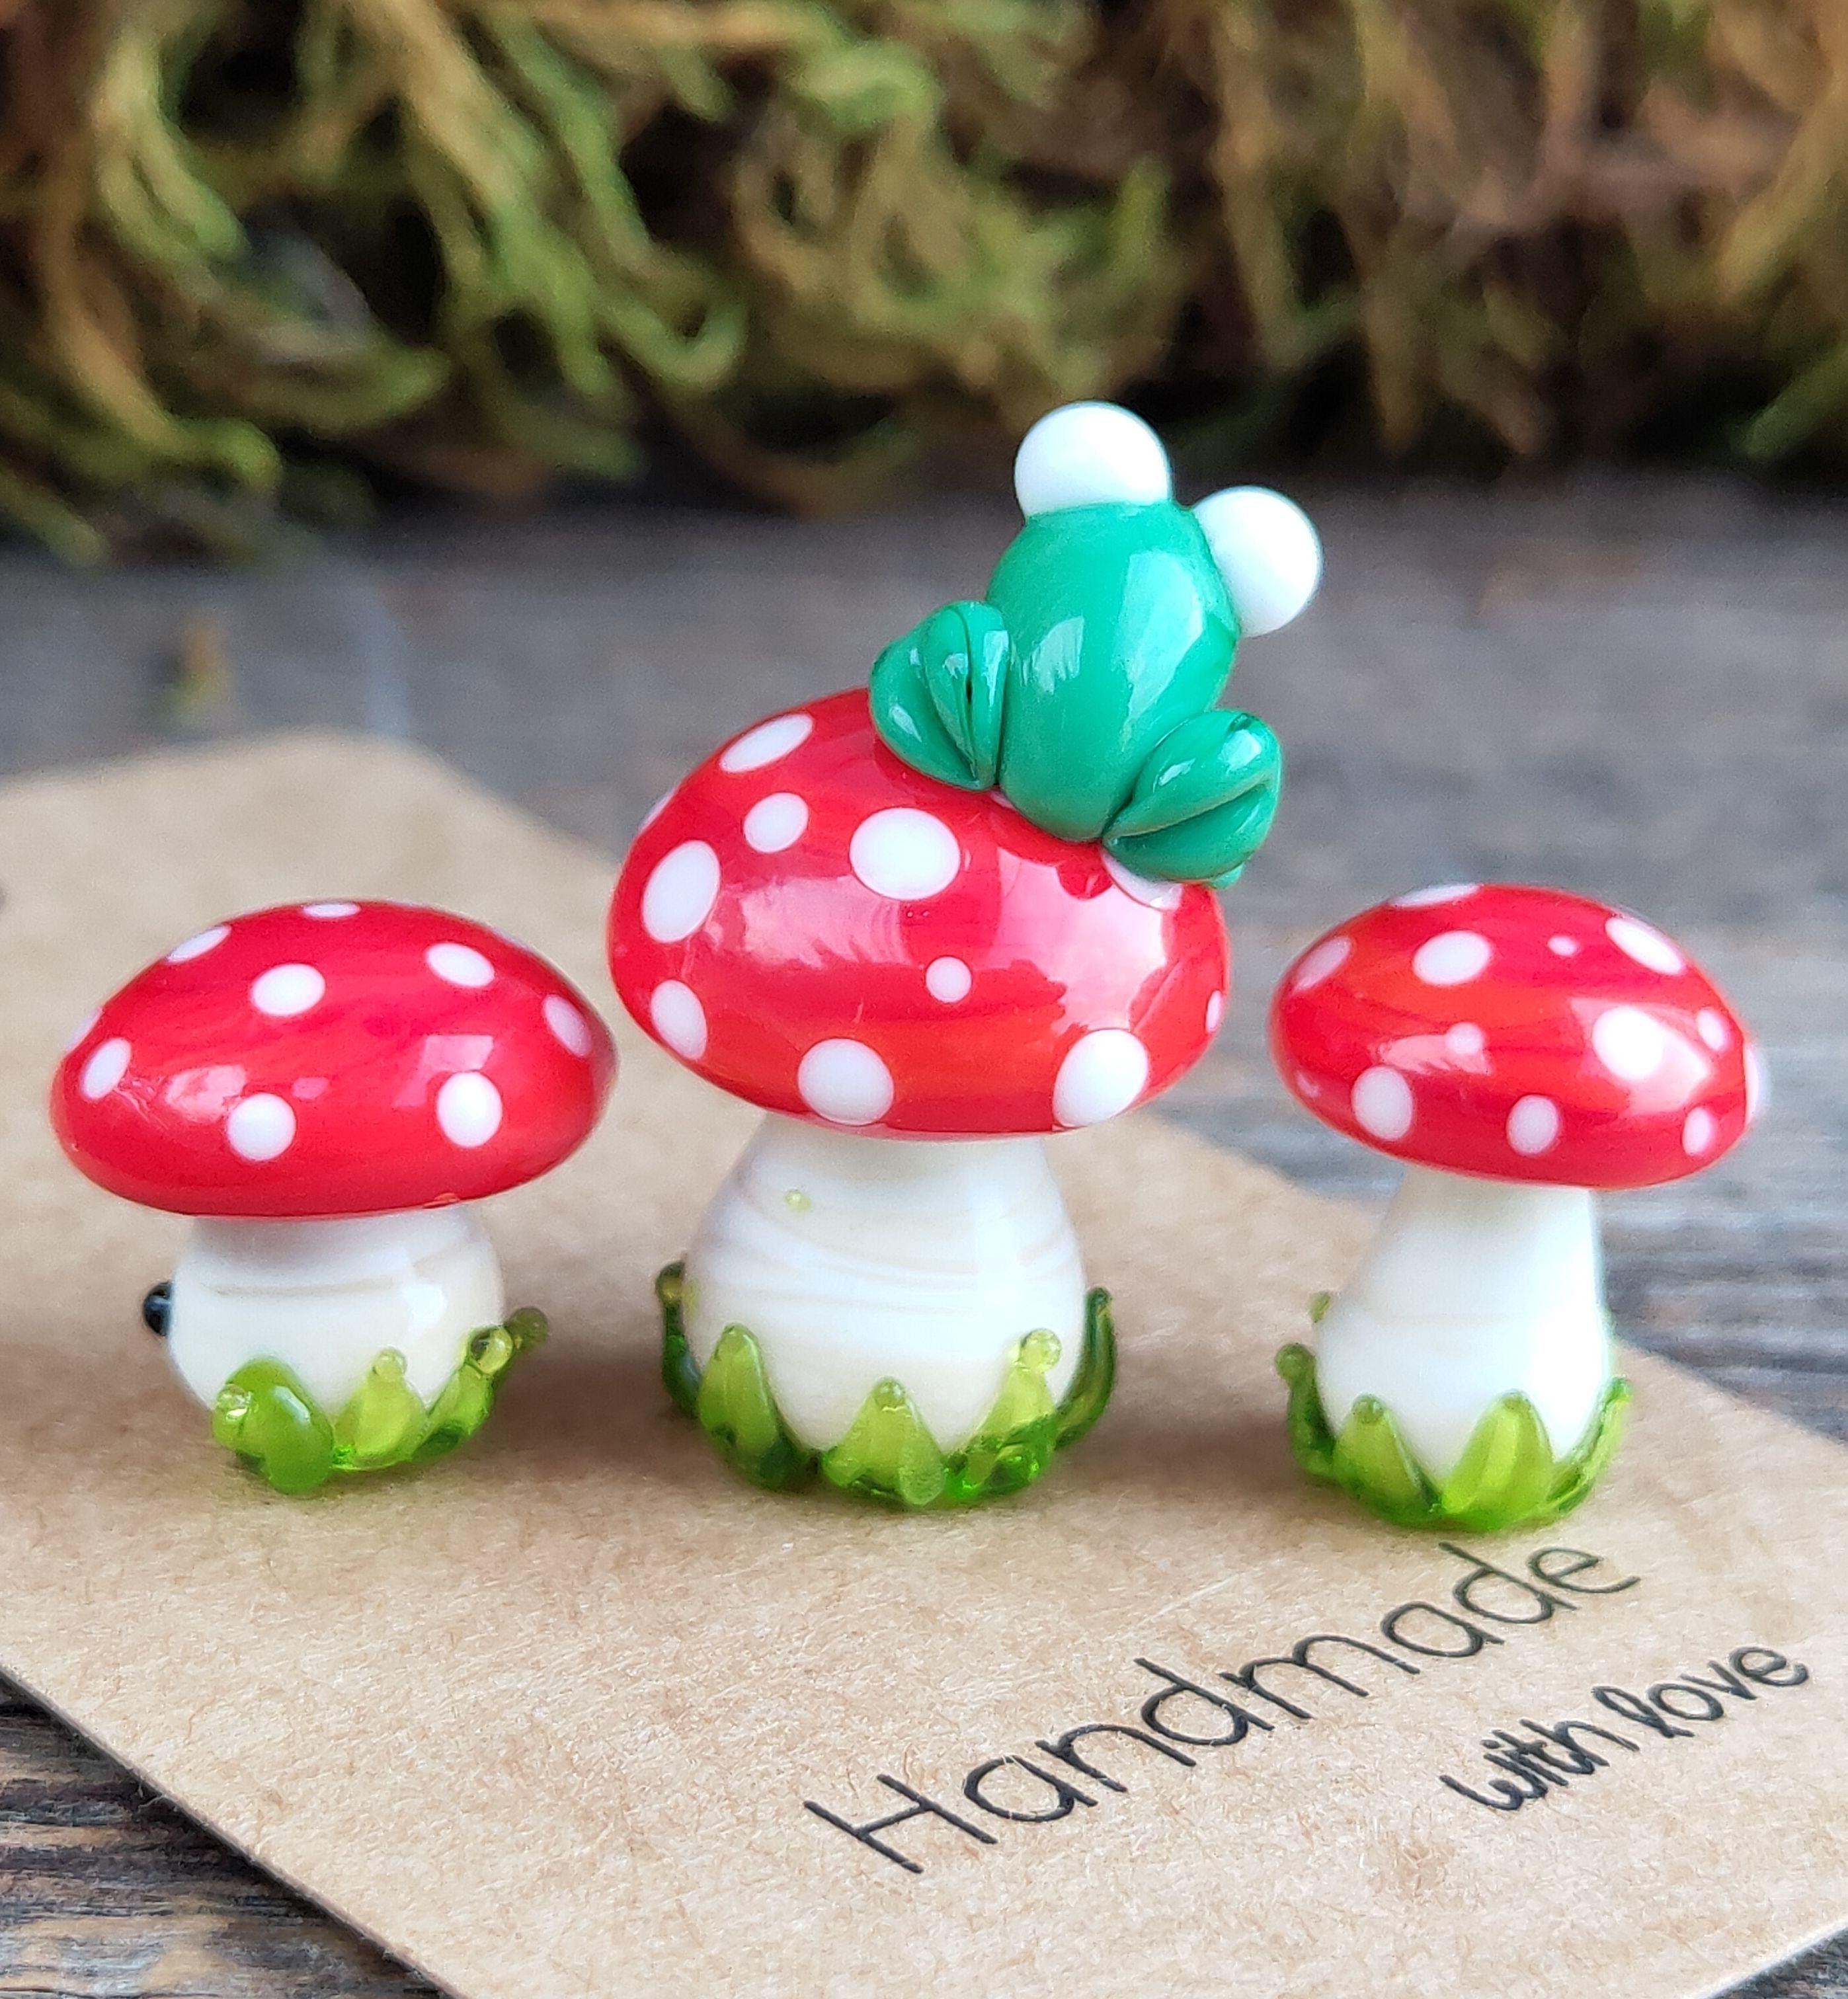 Mushroom in glass jar Mushroom Decor  Fairy garden  mini mushroom tiny glass jar story jars and ornaments